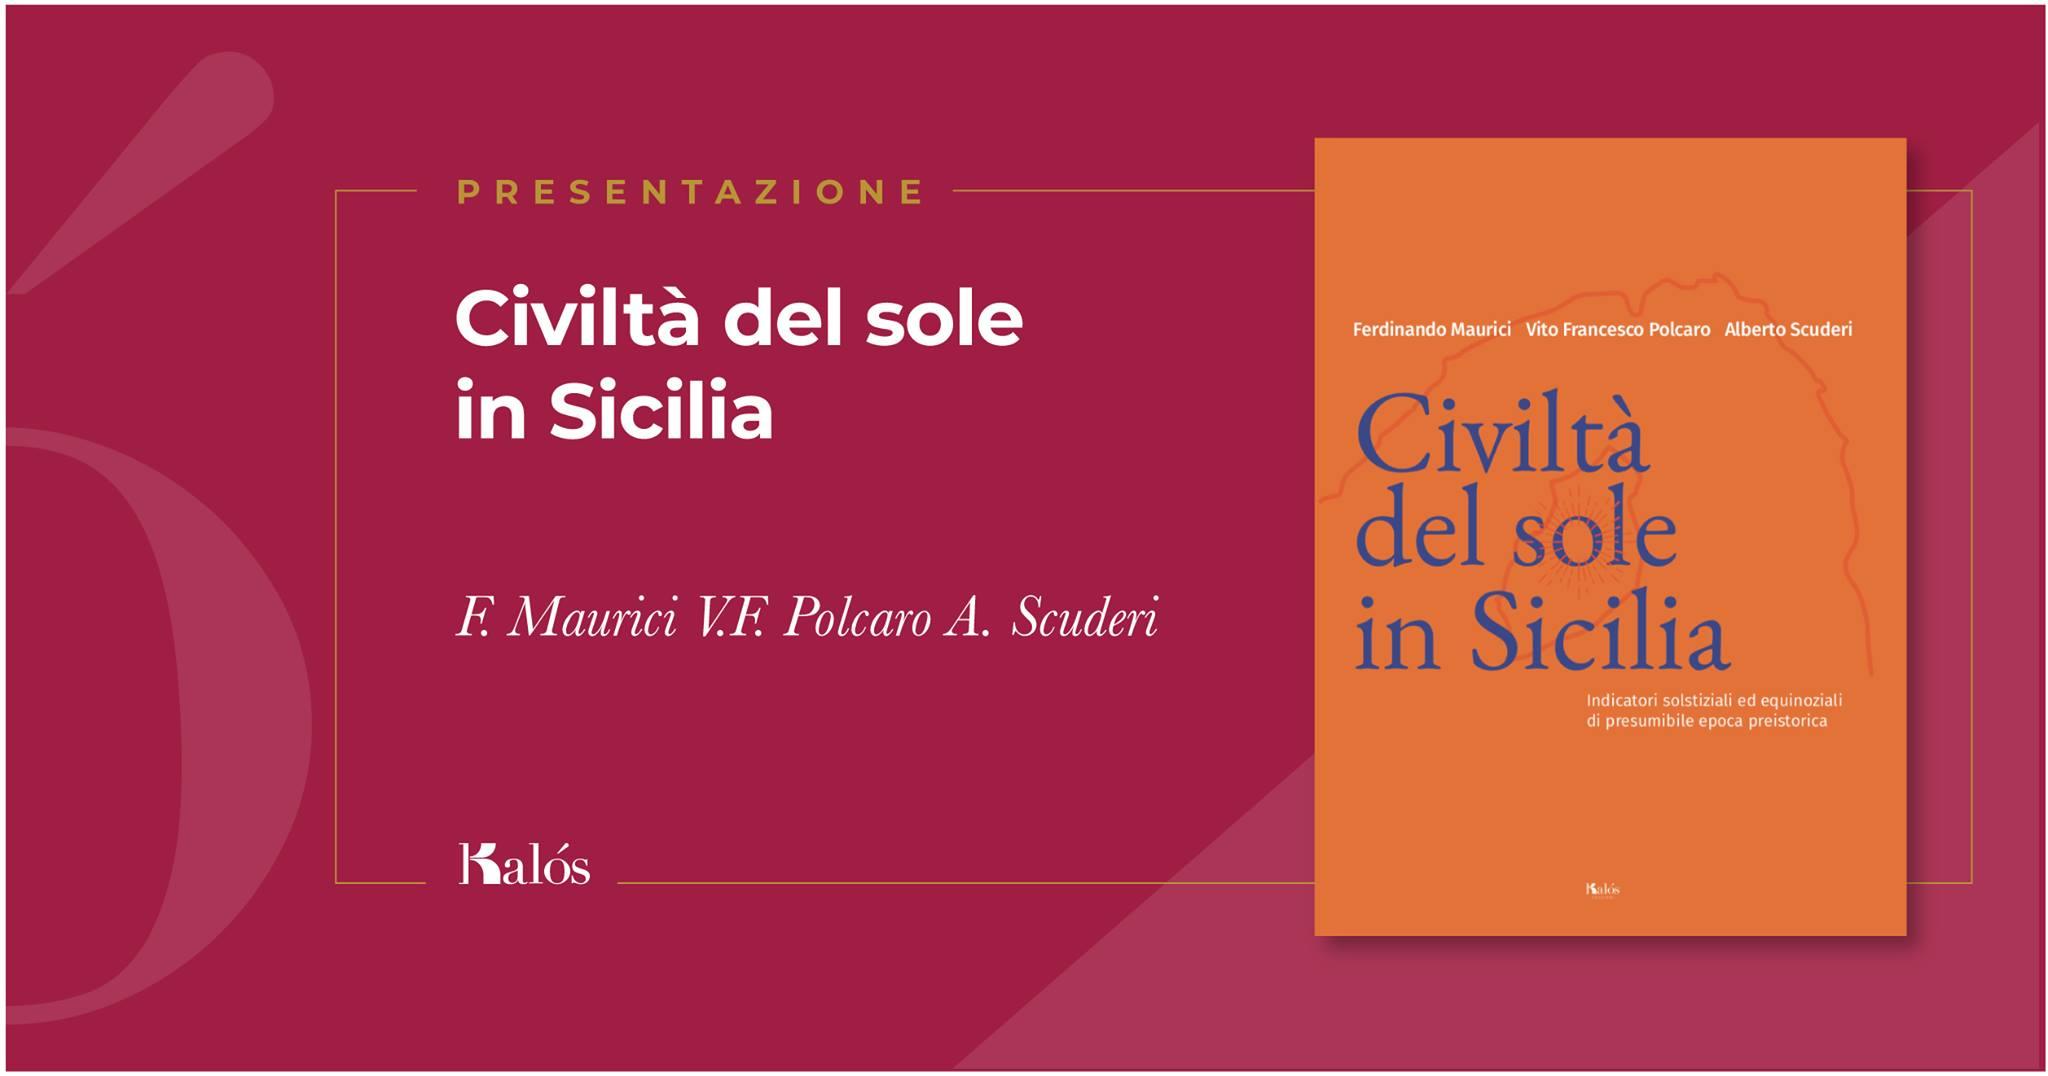 civiltà del sole in sicilia.jpg